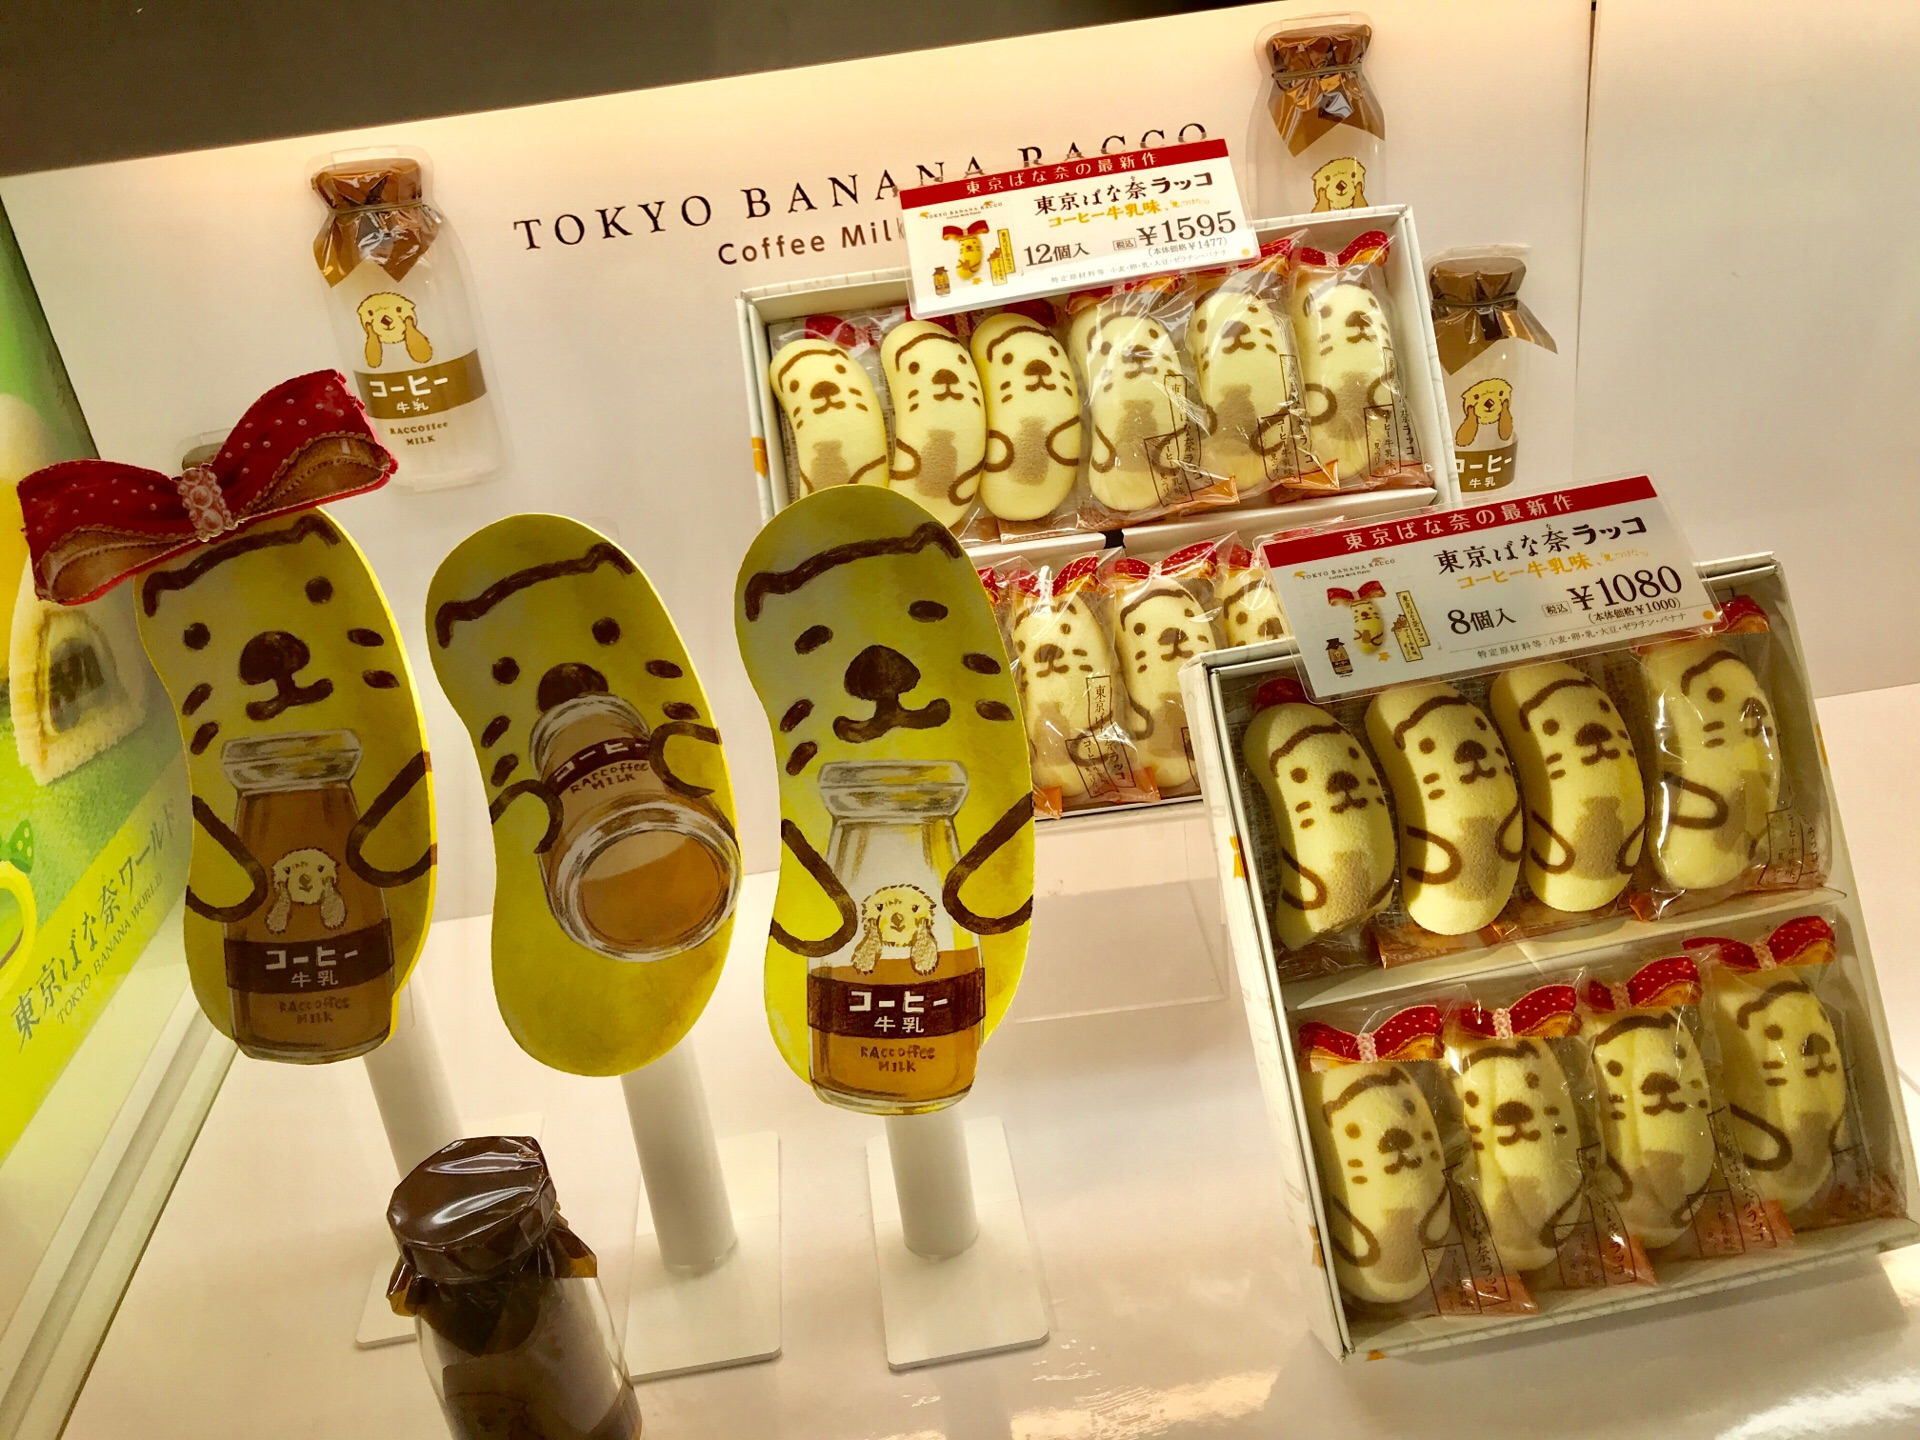 【帰省みやげ】なにコレ可愛すぎる!東京土産のド定番《東京ばな奈》がラッコになっちゃった♡_3